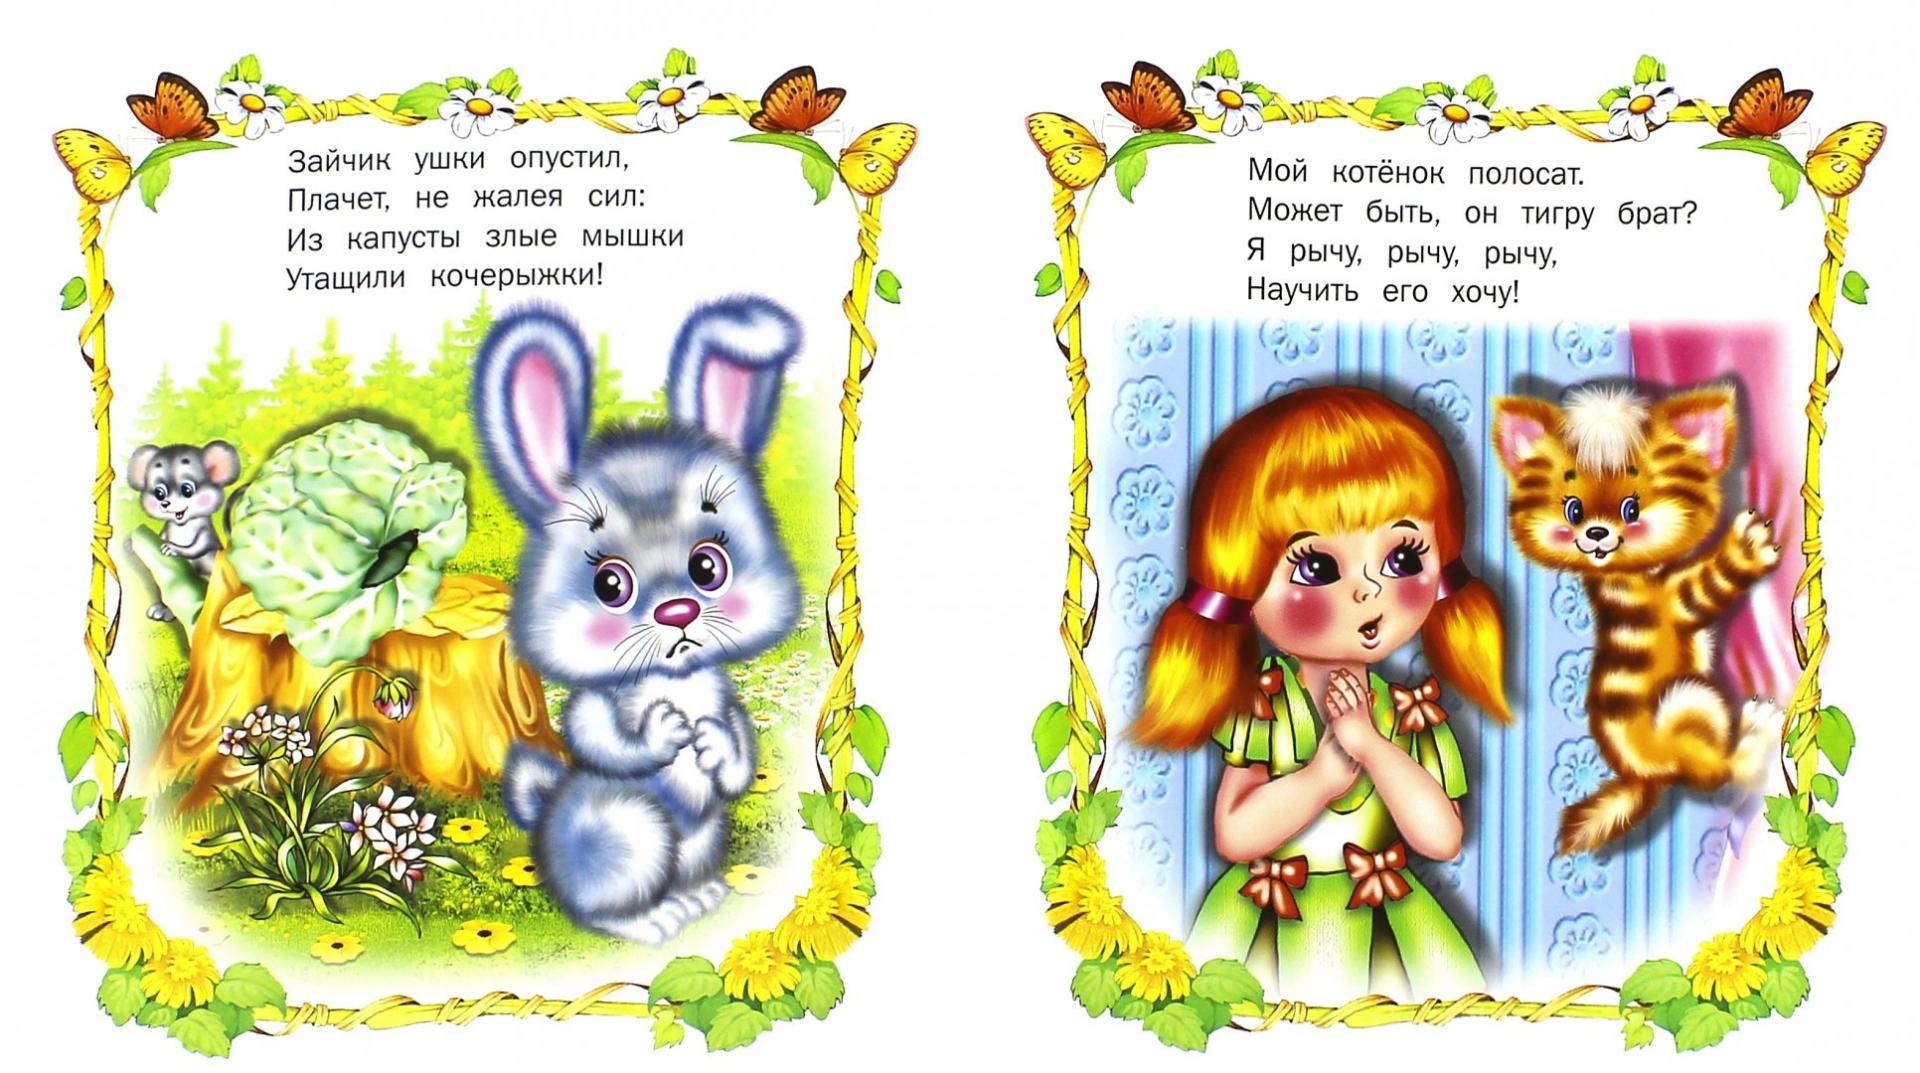 Стихи про зайку для детей 3-4 лет короткие